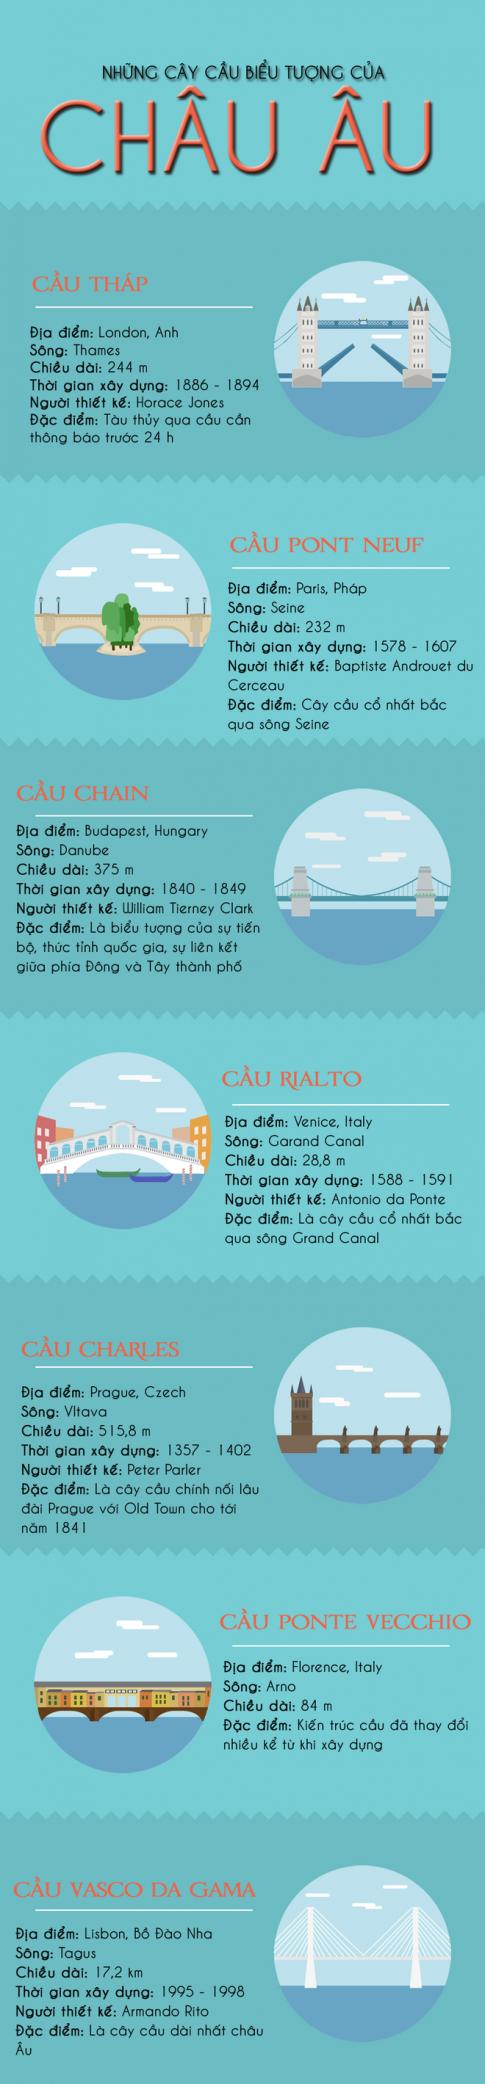 Biểu tượng châu Âu qua những cây cầu